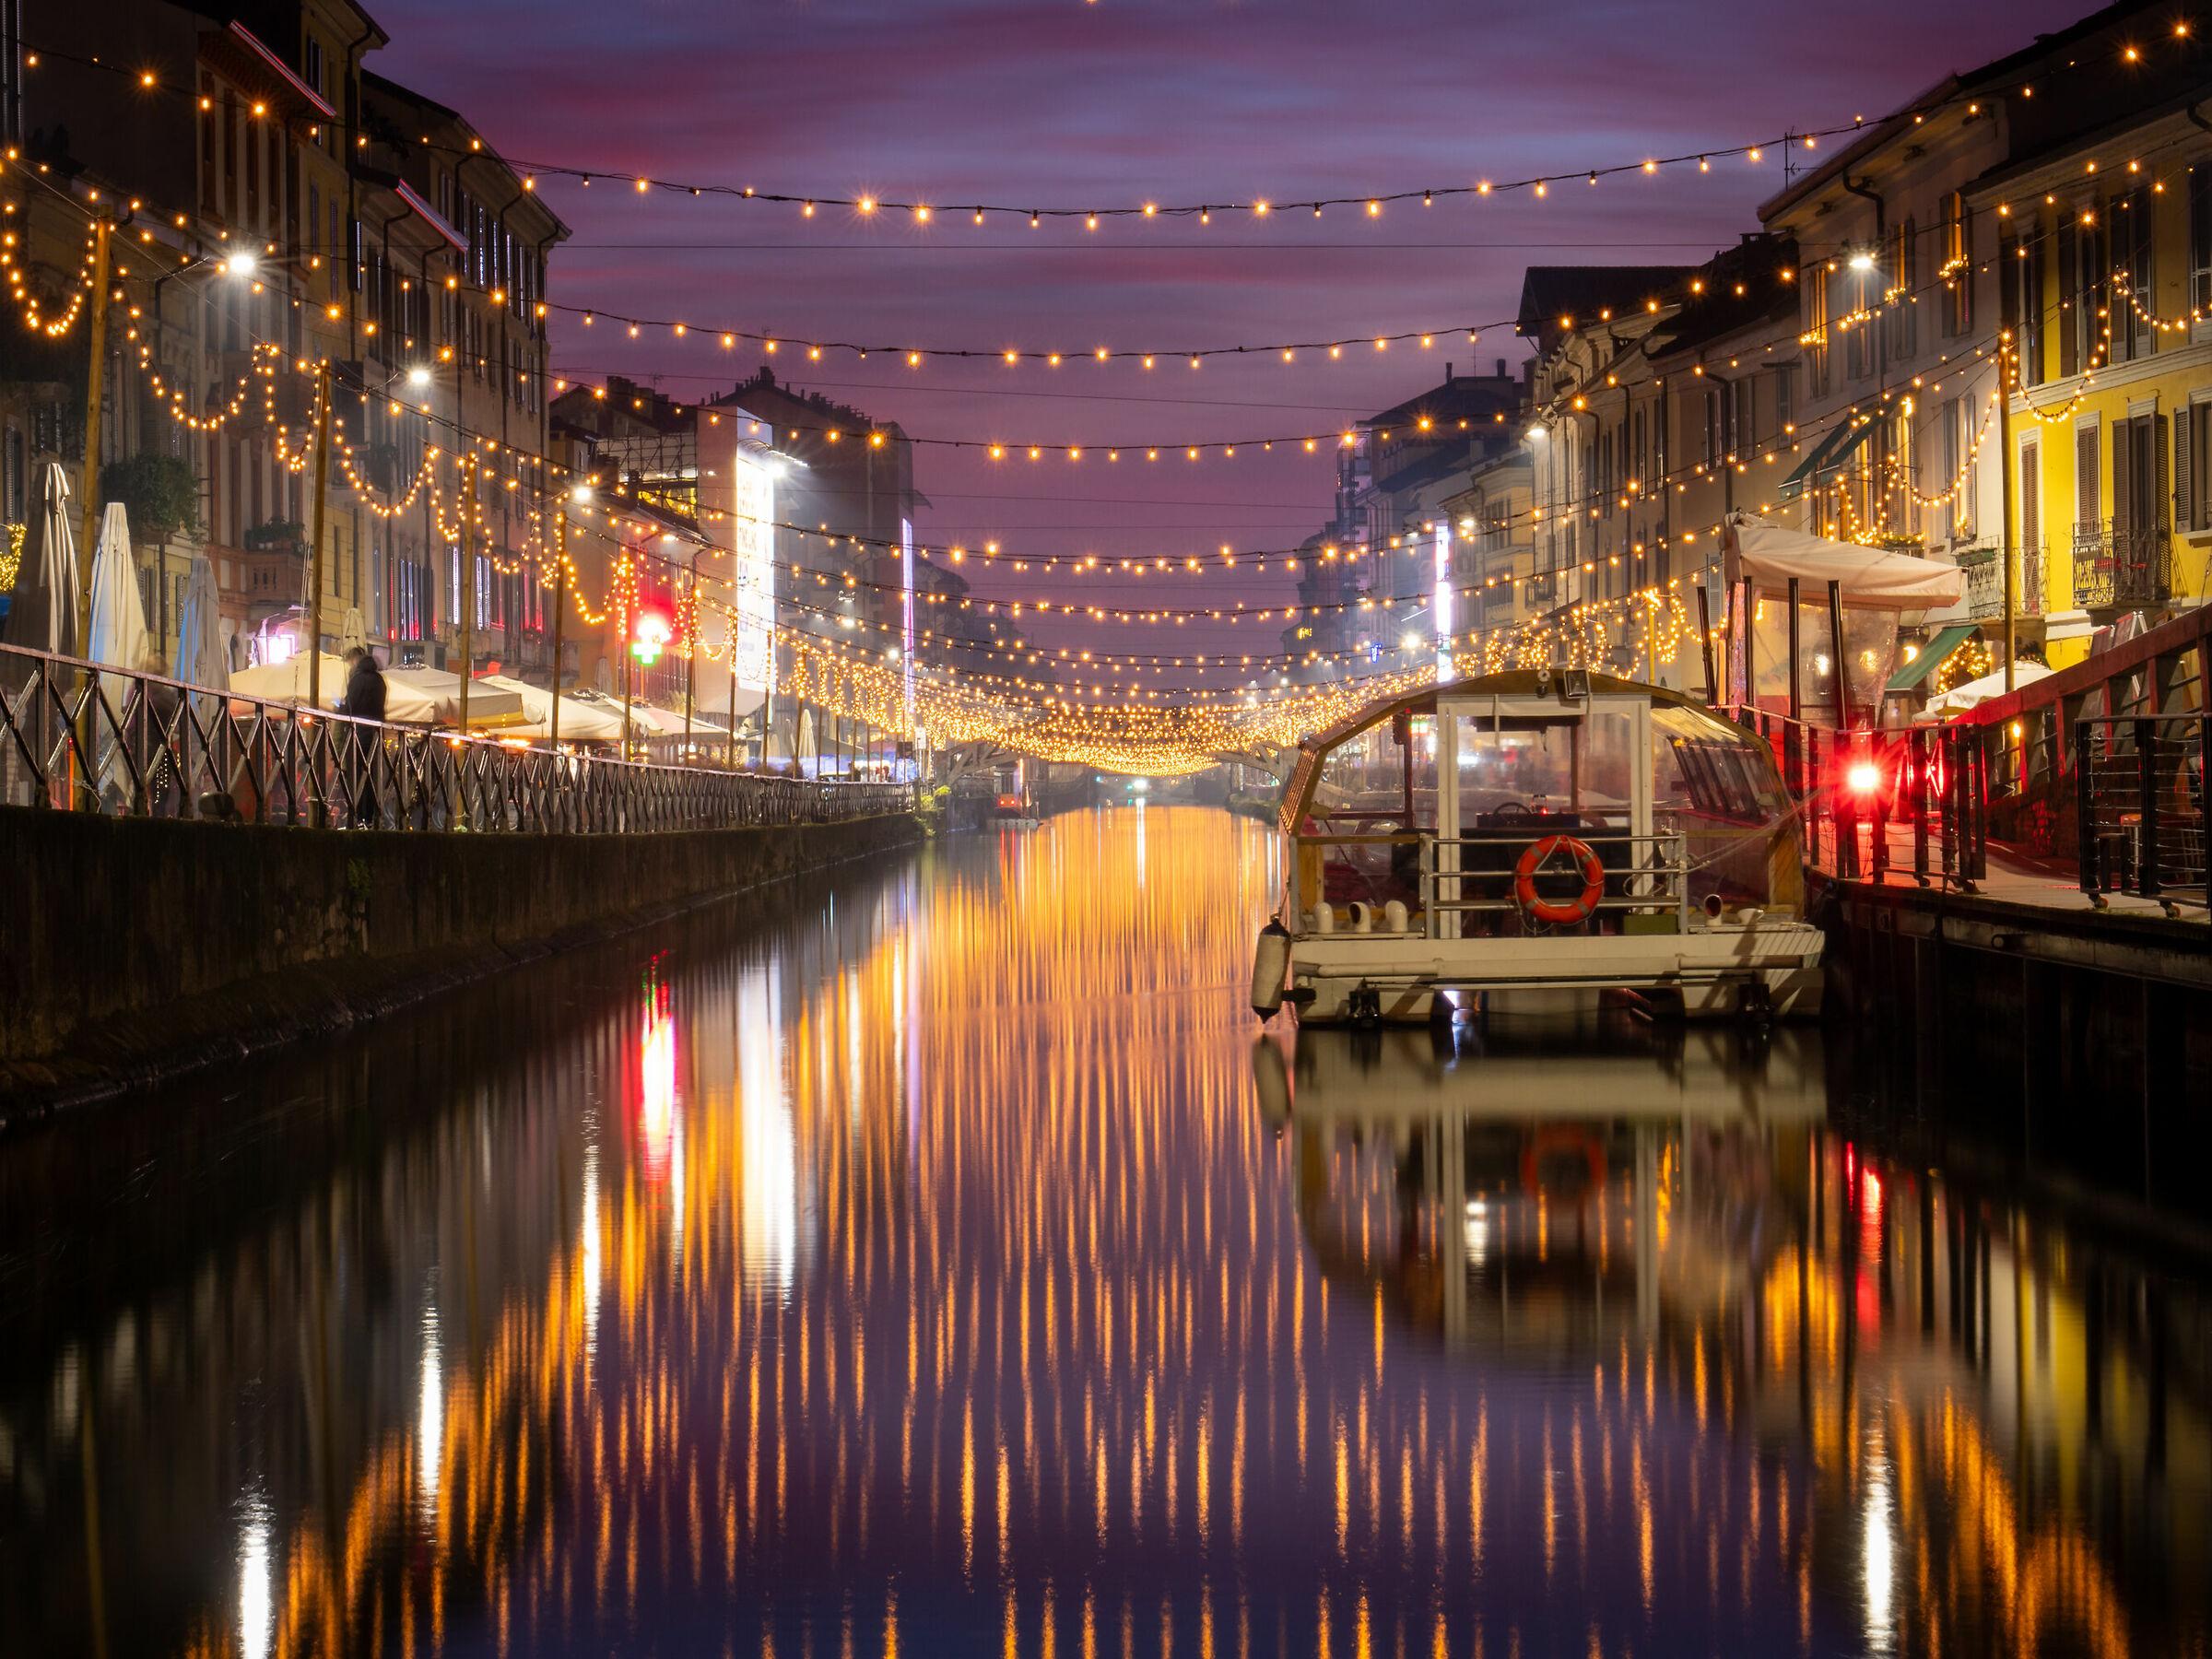 Milano Naviglio e Natale...